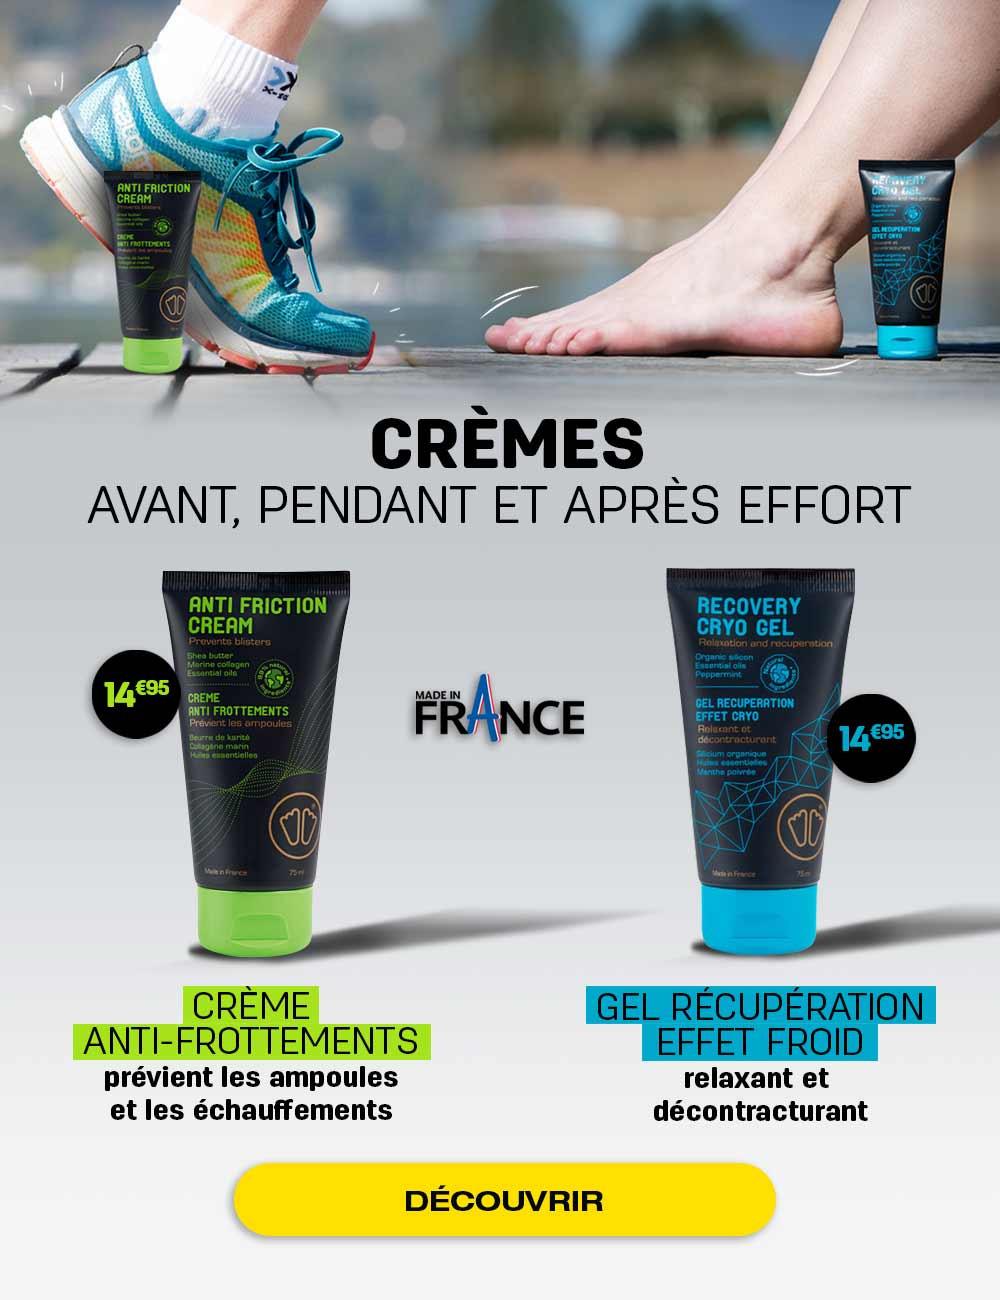 Crèmes avant, pendant et après effort